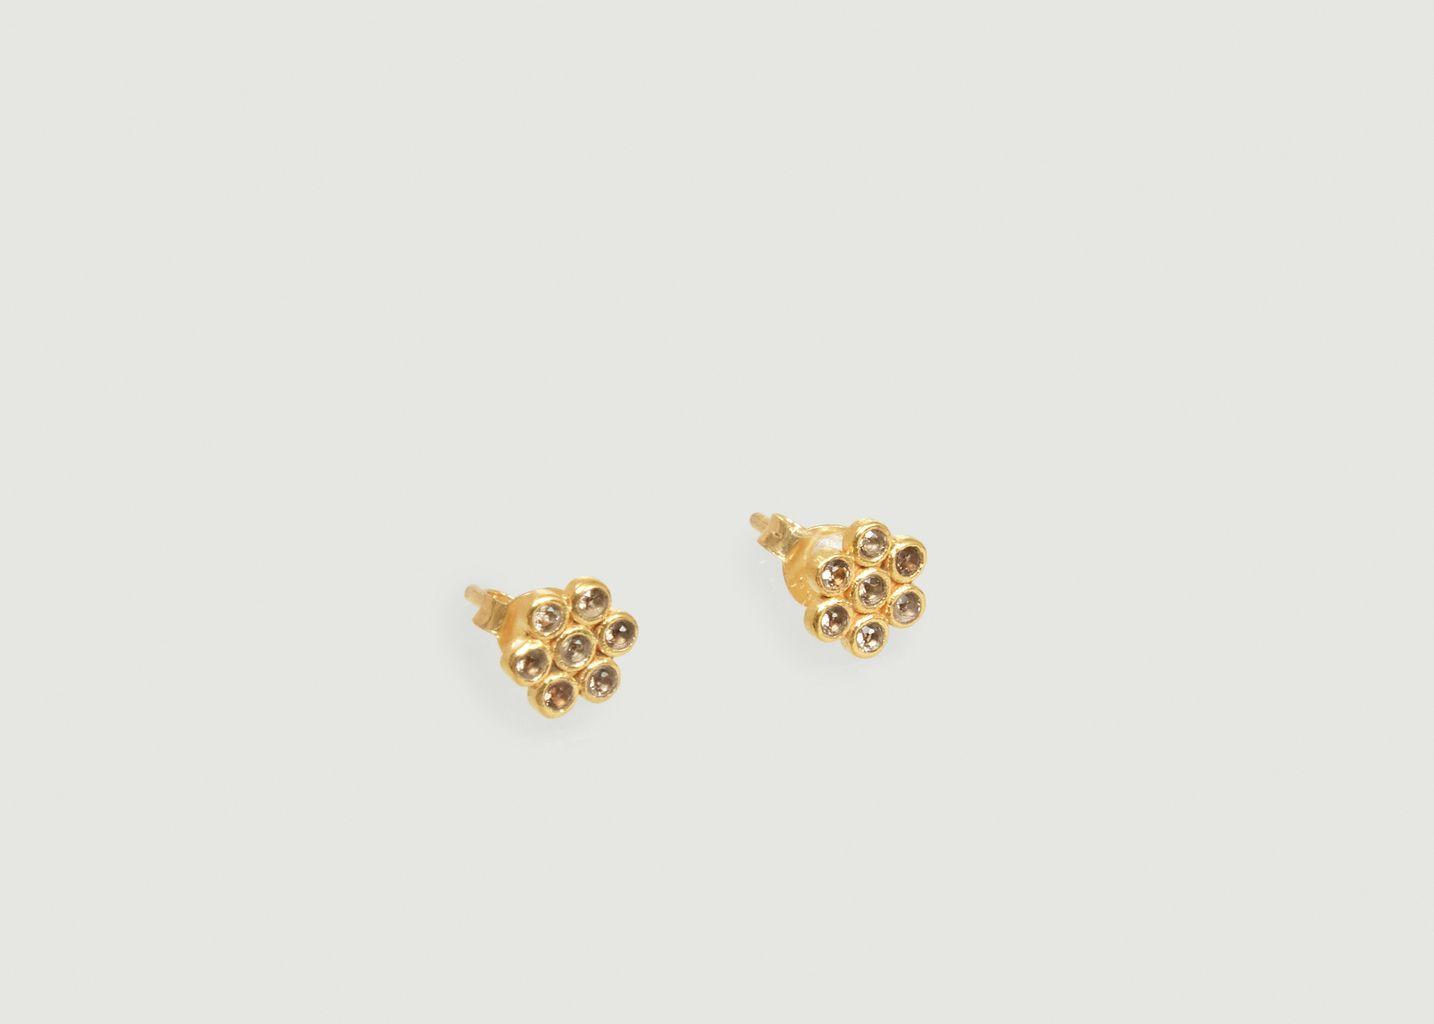 Boucles D'Oreilles Avec Pierres Semi-Précieuses Billie - Soeur